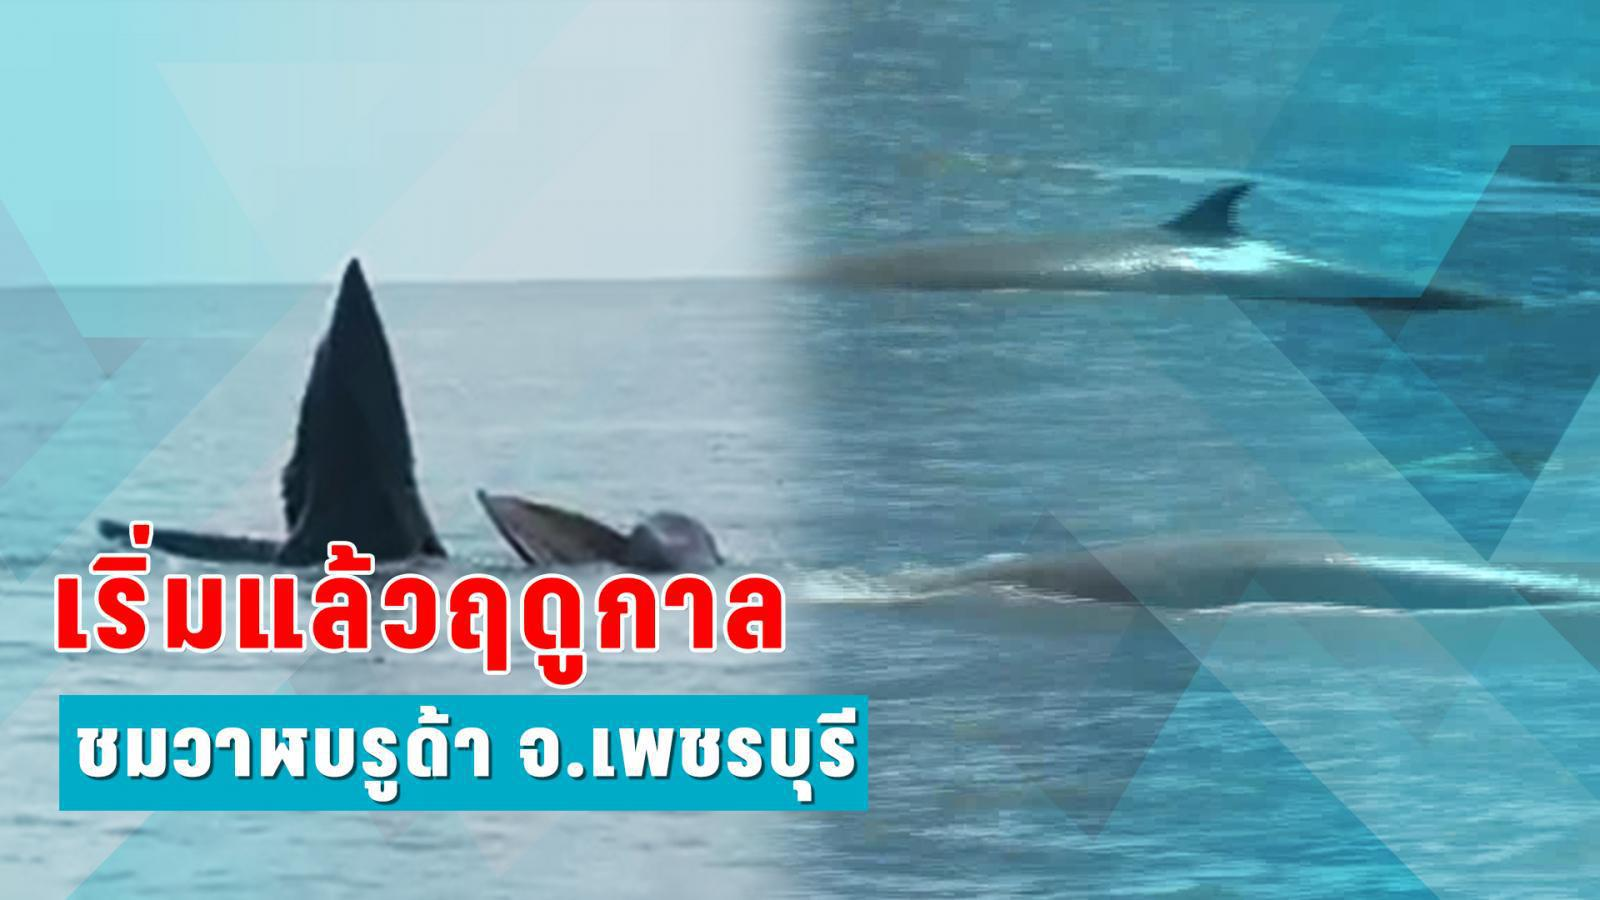 เริ่มแล้วฤดูกาล ชมวาฬบรูด้า จ.เพชรบุรี